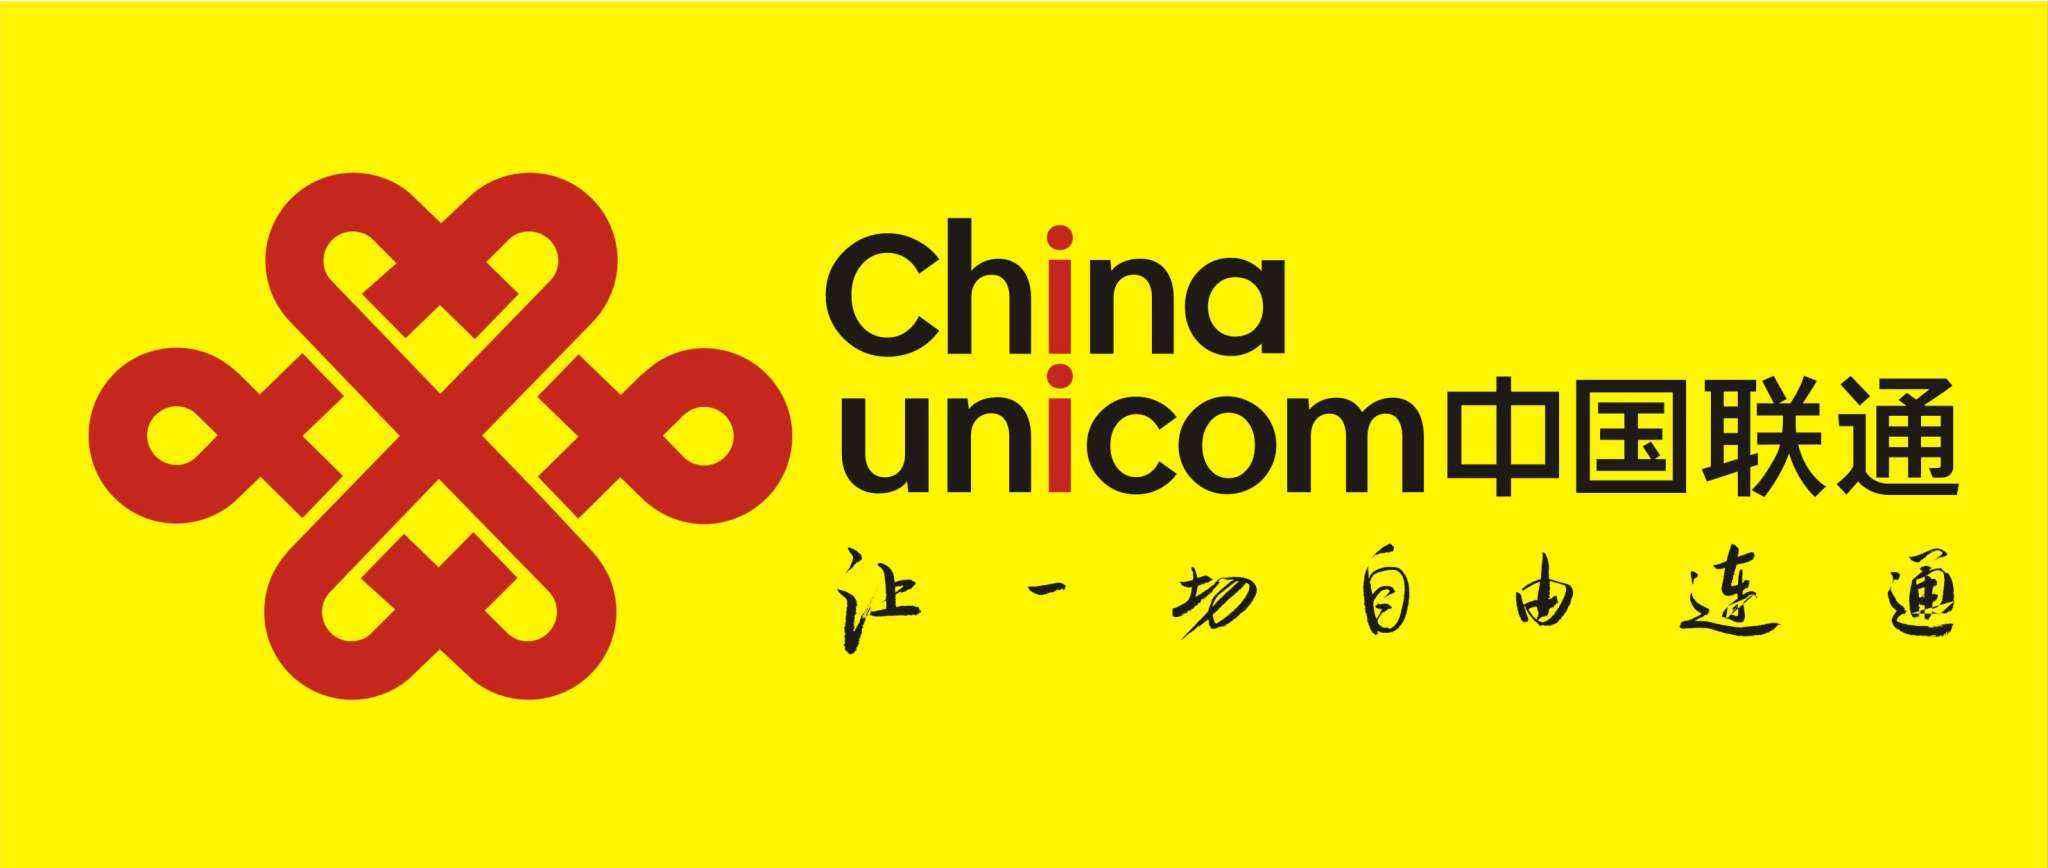 中国联通正式公布2018年天线测试服务供应商招募...